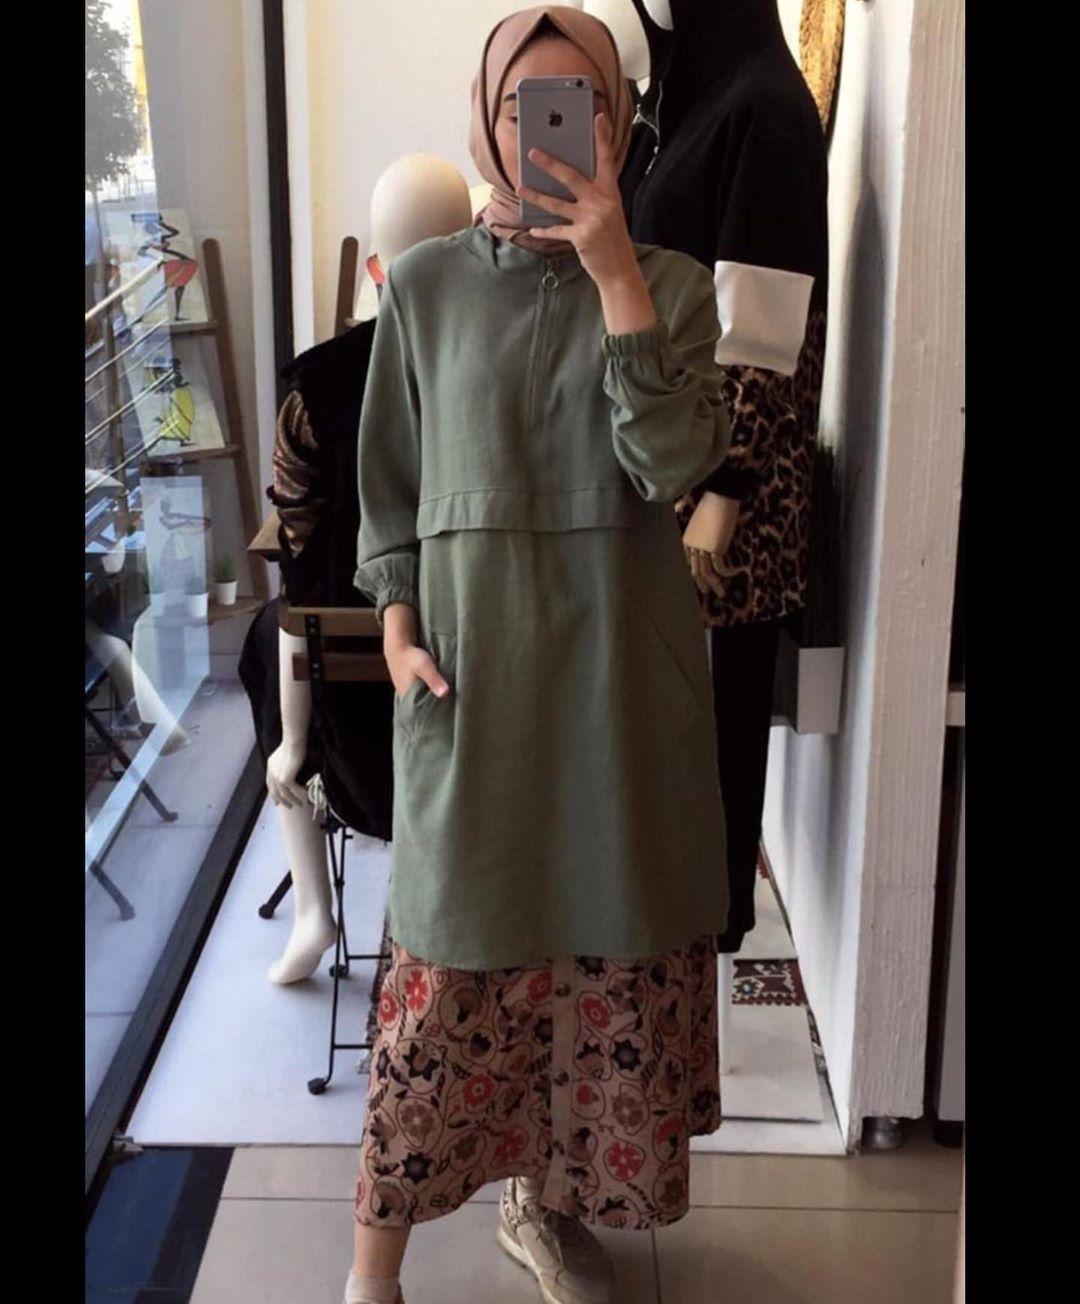 Tunik 90 Beden Araligi 36 38 40 42 Tesettur Tesetturgiyim Butik Moda Istanbul Izmir Elbise Fashion Kombin Giyim Ankara Tarz Bayangiyim Moda 90er